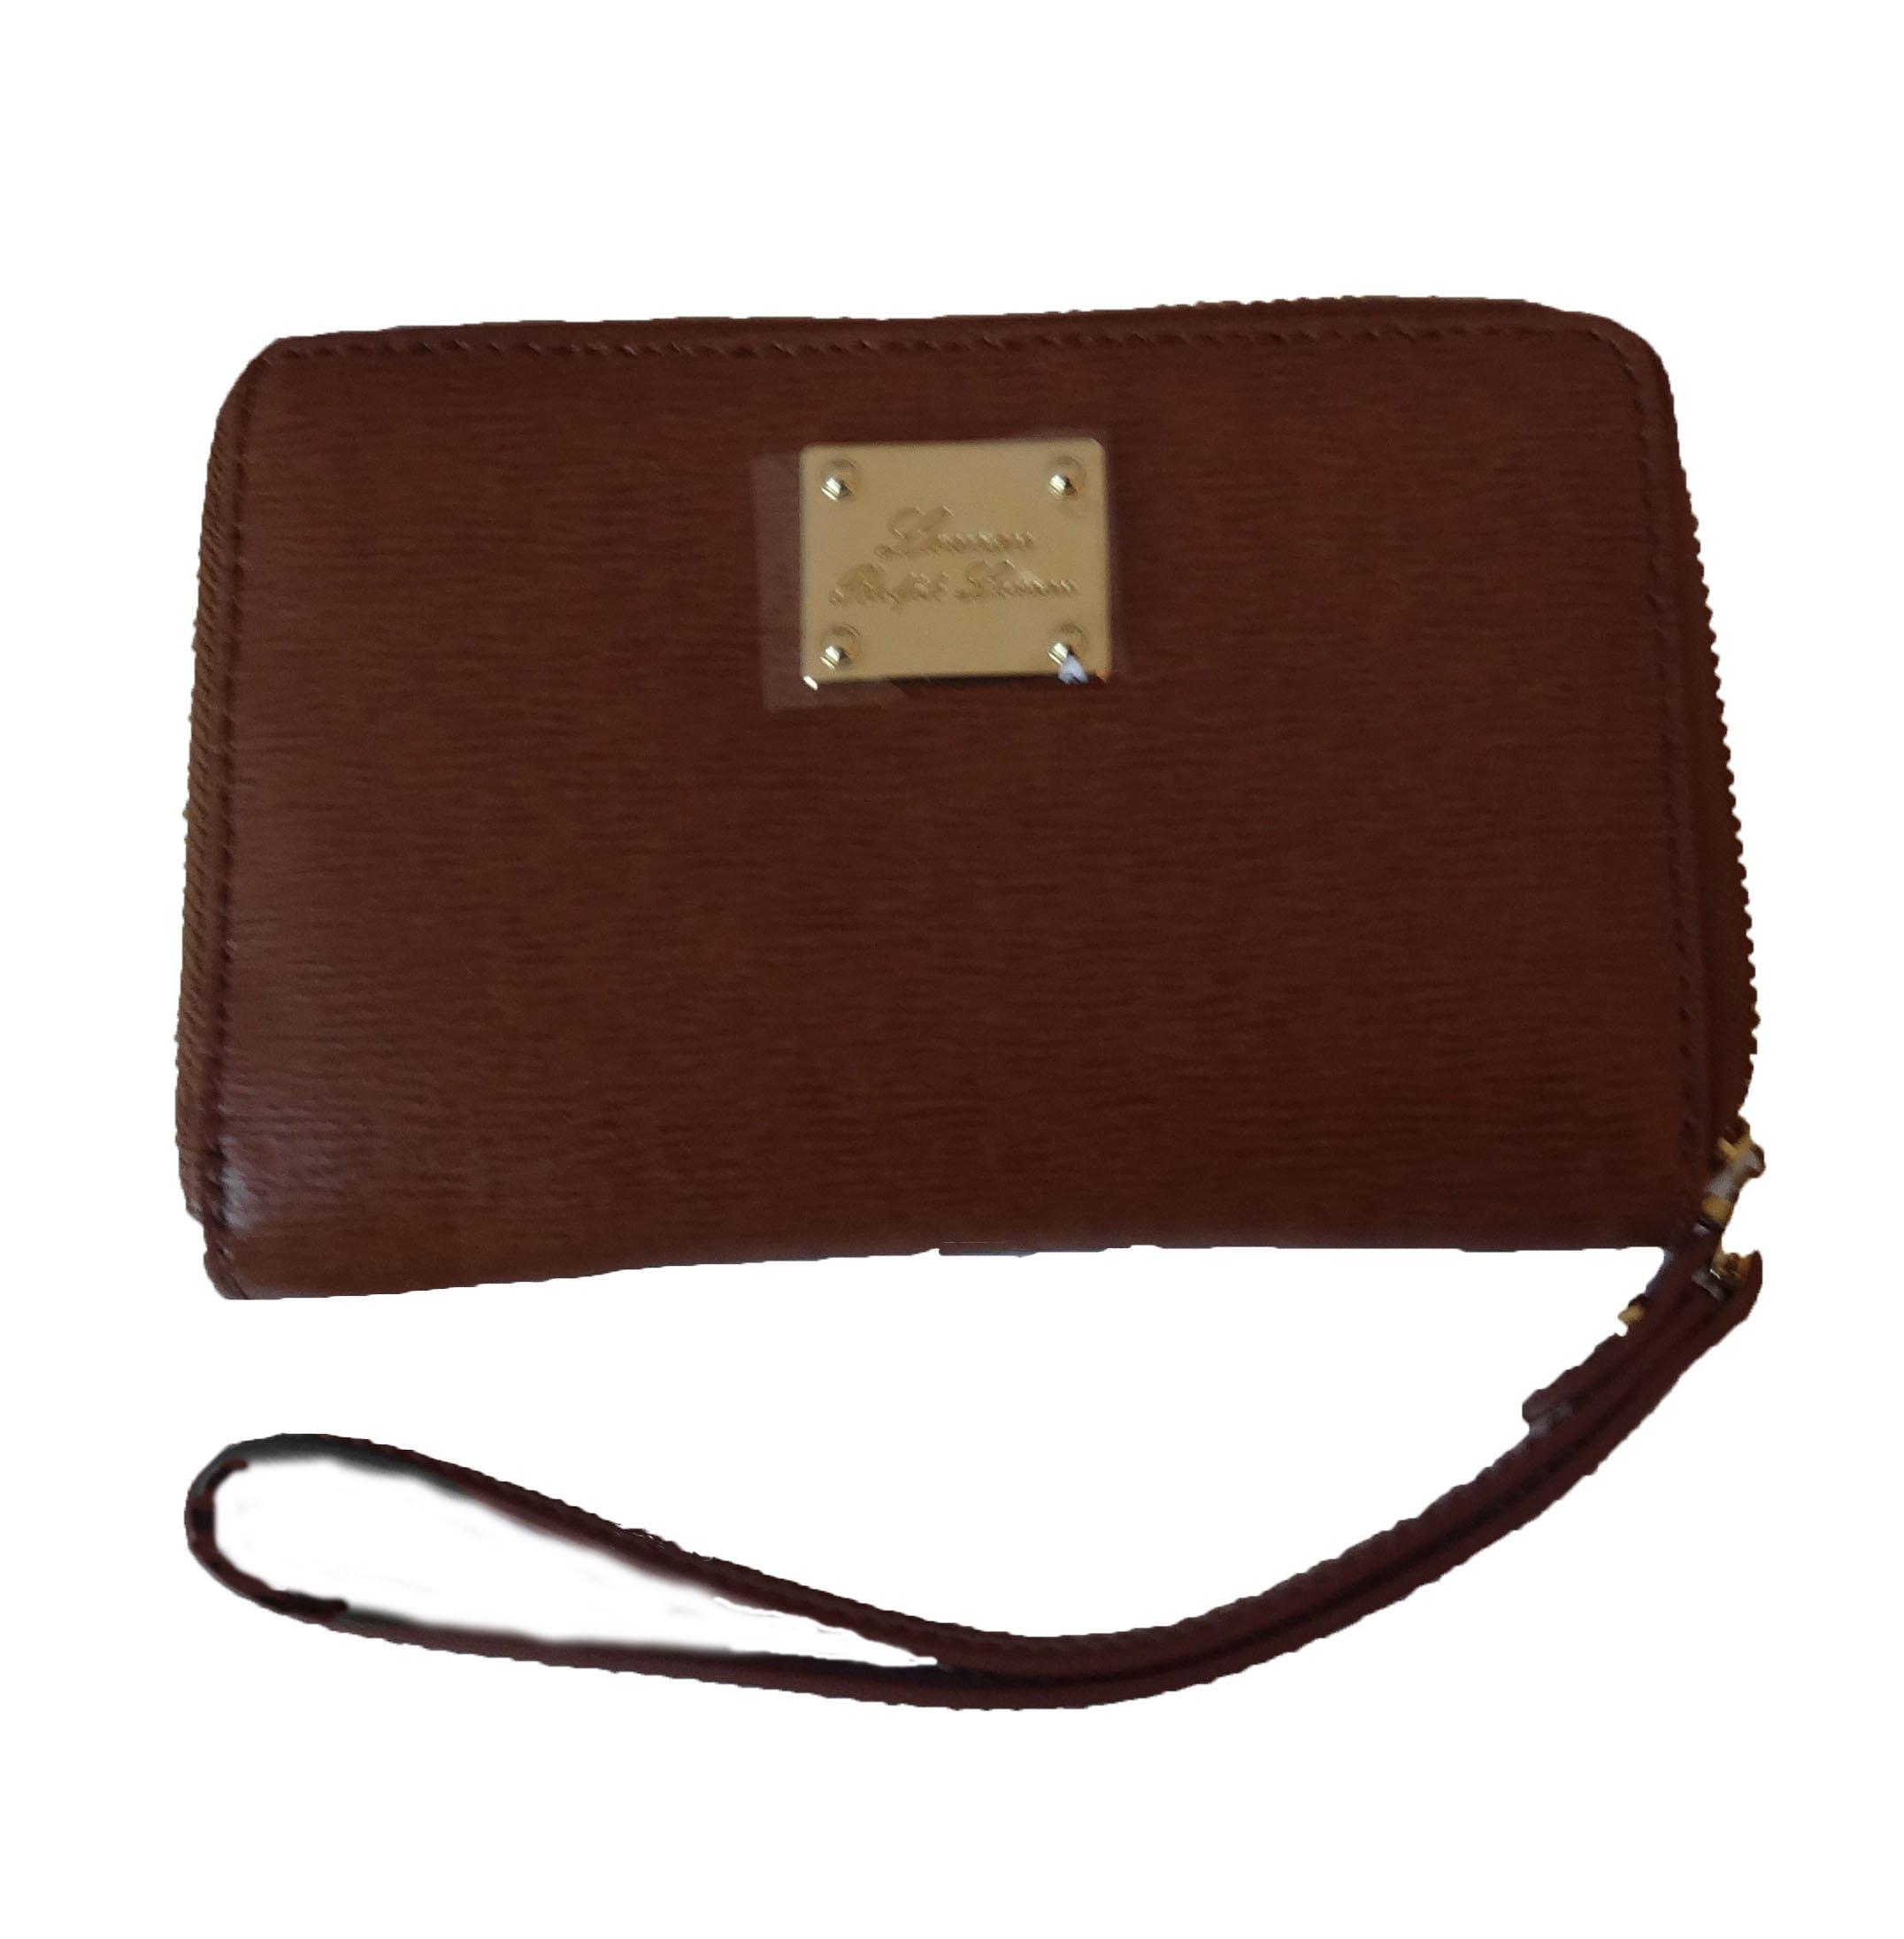 Lauren Ralph Lauren Woman's Leather Zip-Around Tech Wristlet/Wallet (Light Tan/Coco)